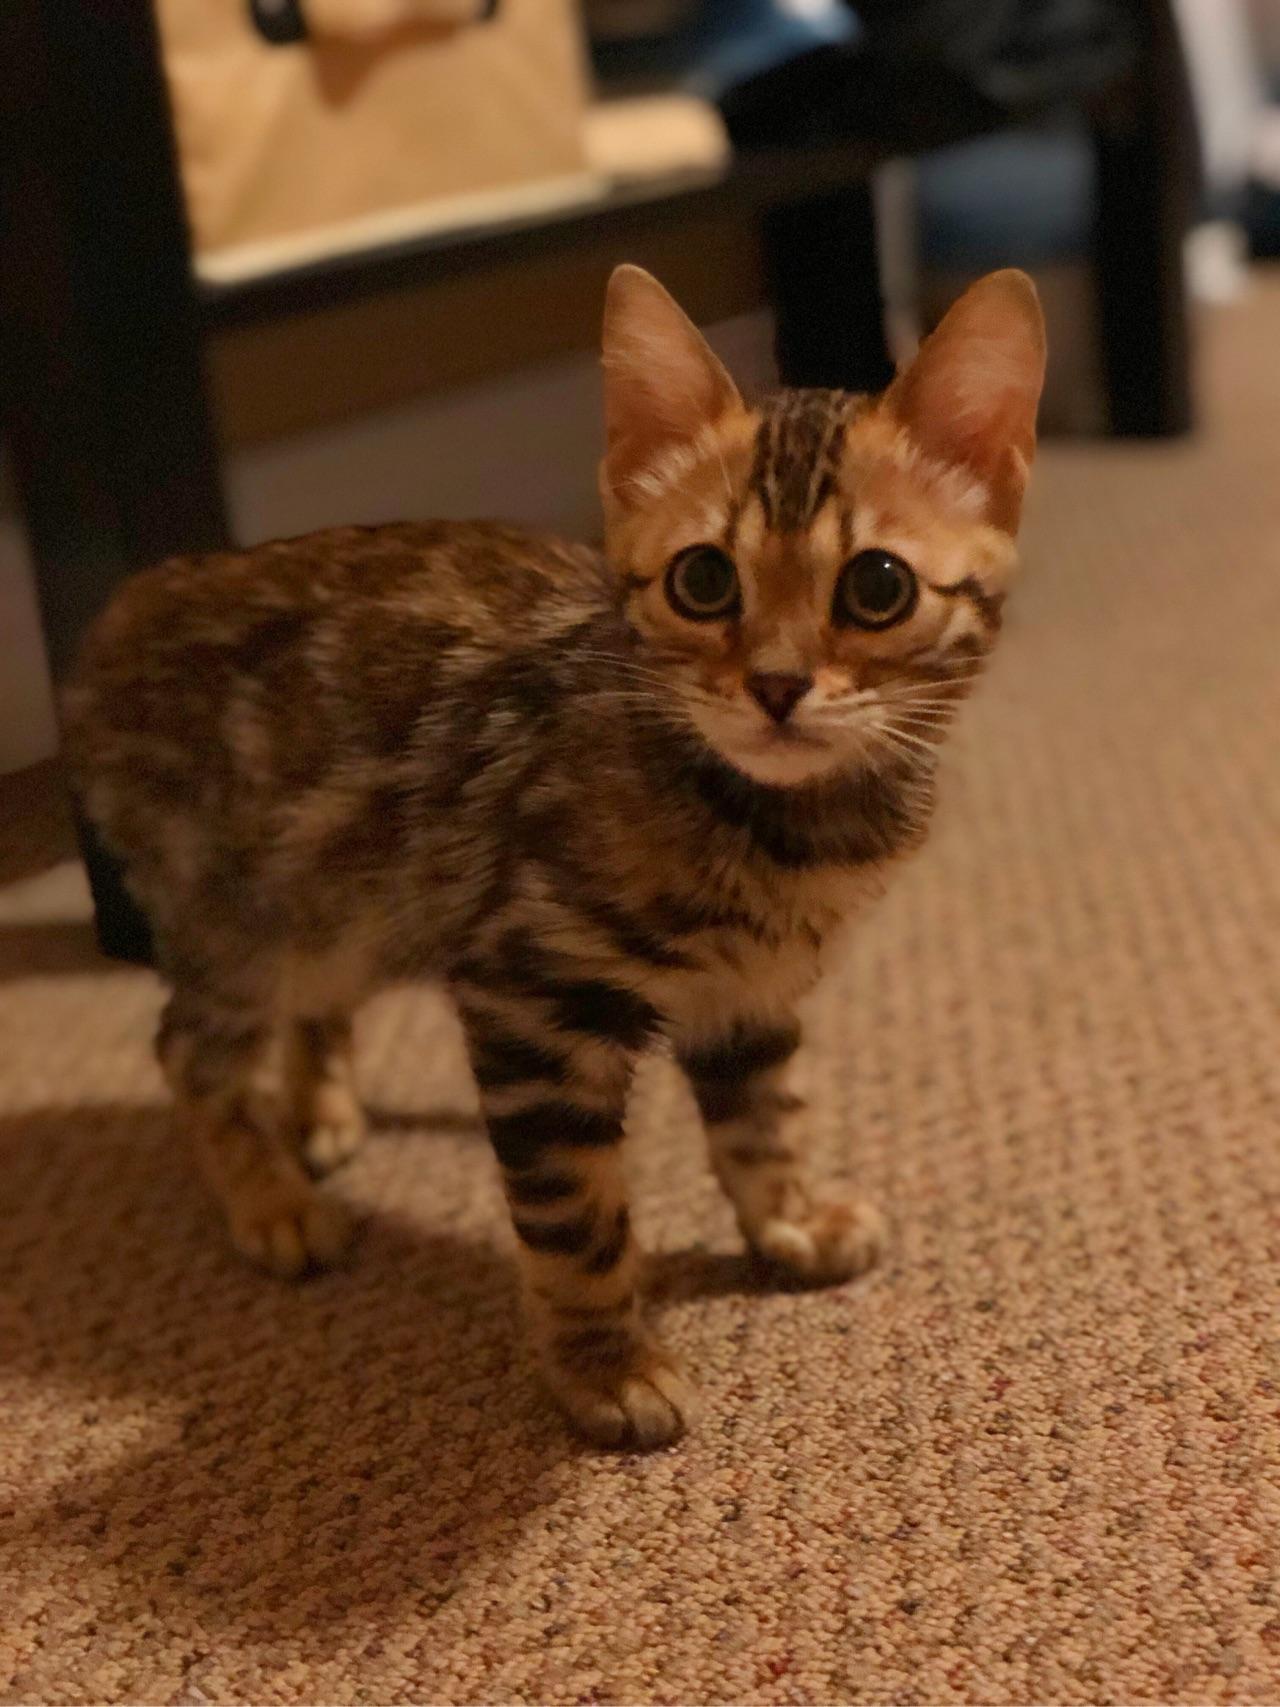 养孟加拉豹猫_养孟加拉豹猫是什么体验? - 知乎